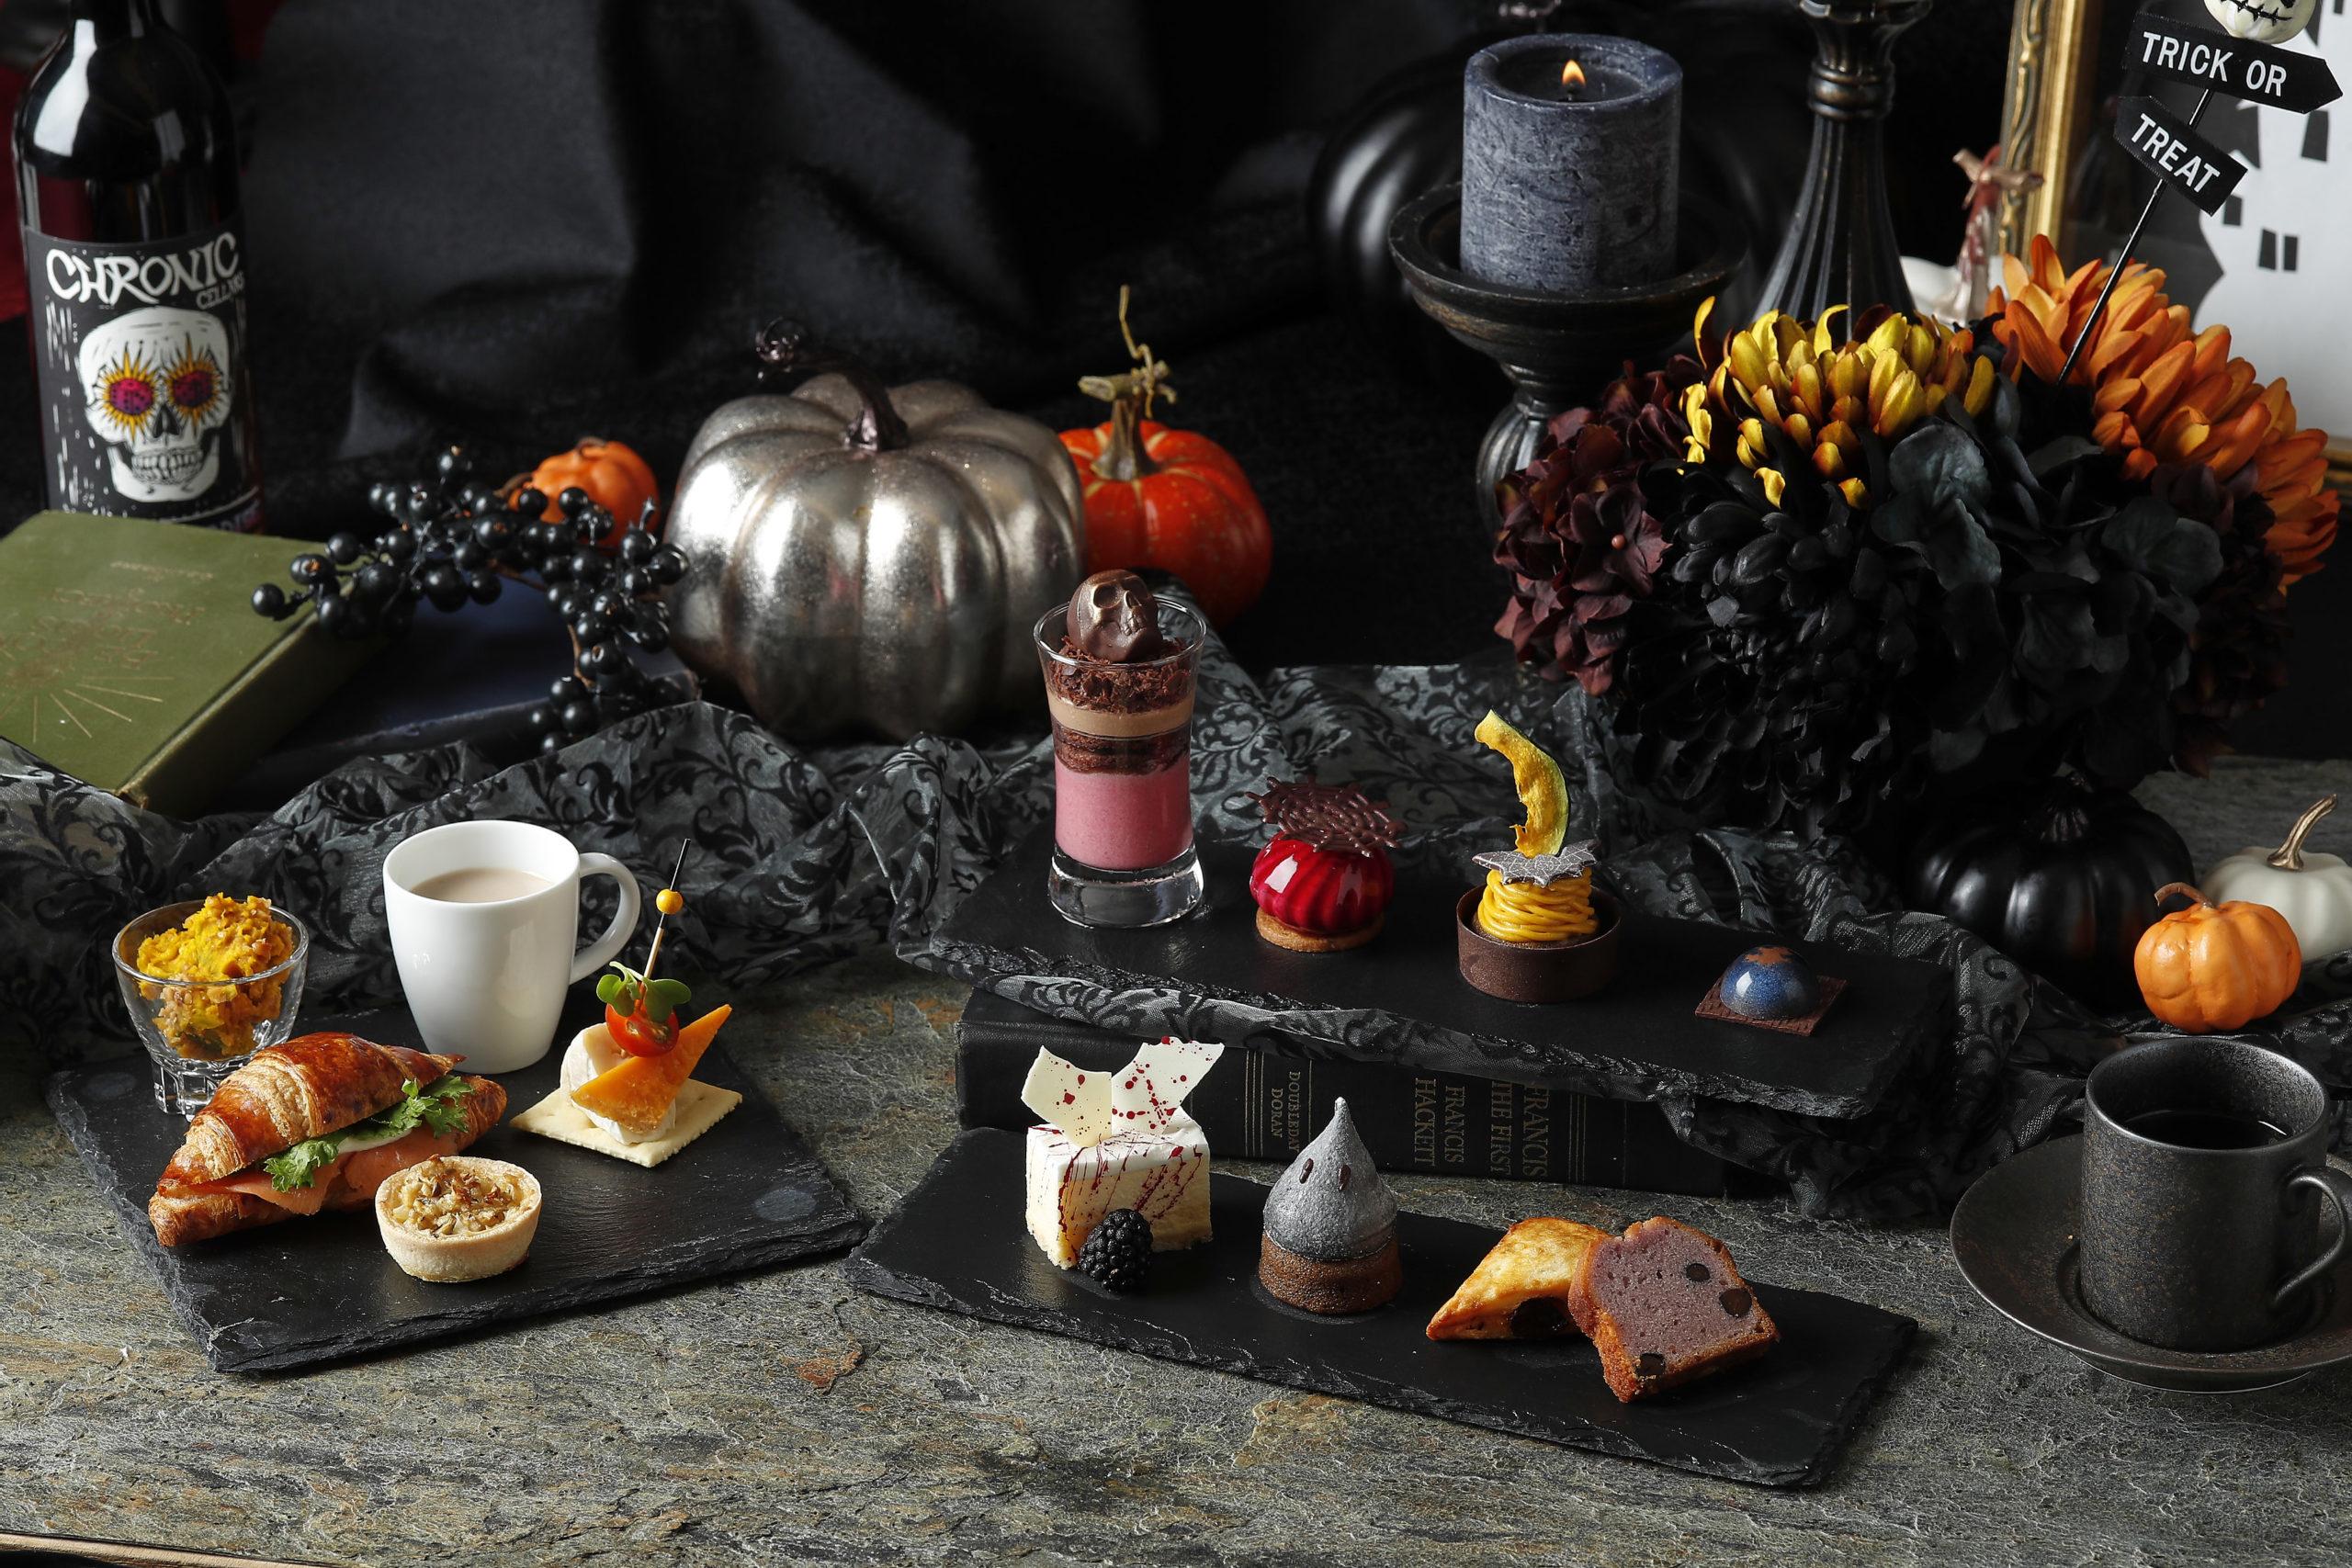 [ホテル雅叙園東京] で大人のハロウィン 「ハロウィンアフタヌーンティー」「ブラックハロウィンカクテル」が10月1日より